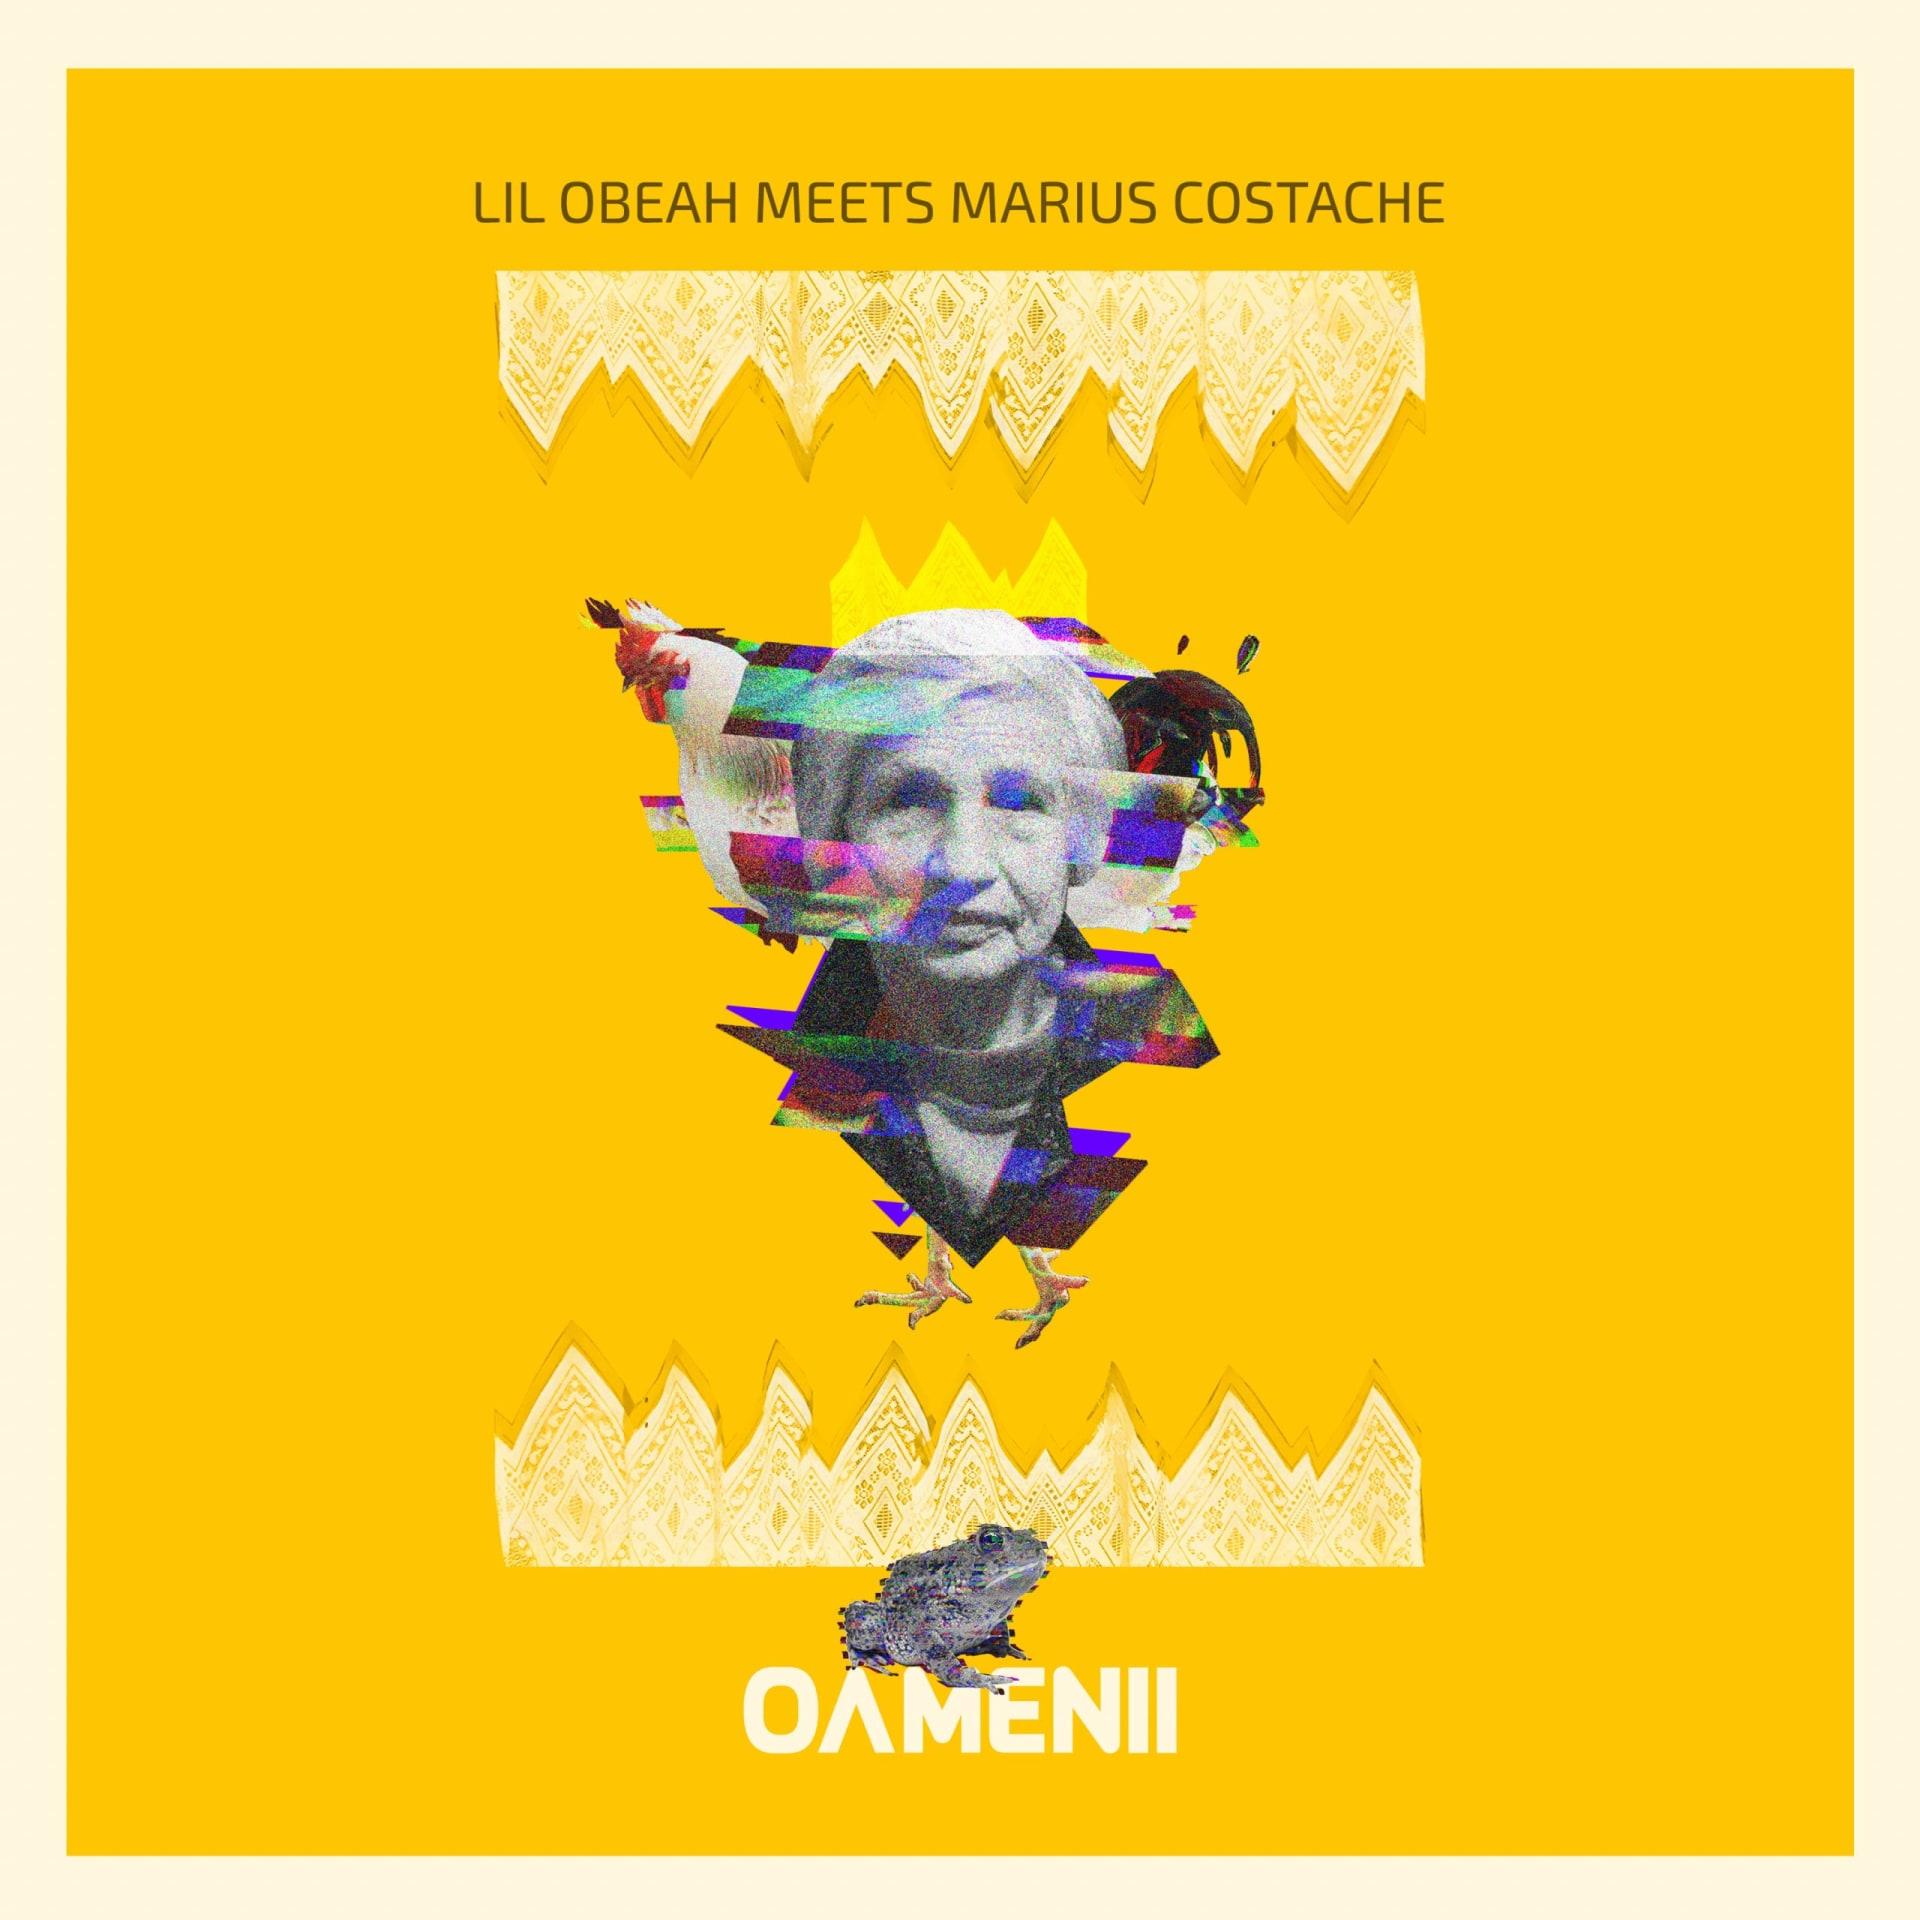 Lil Obeah Meets Marius Costache - Oamenii Cristiana Bucureci collage